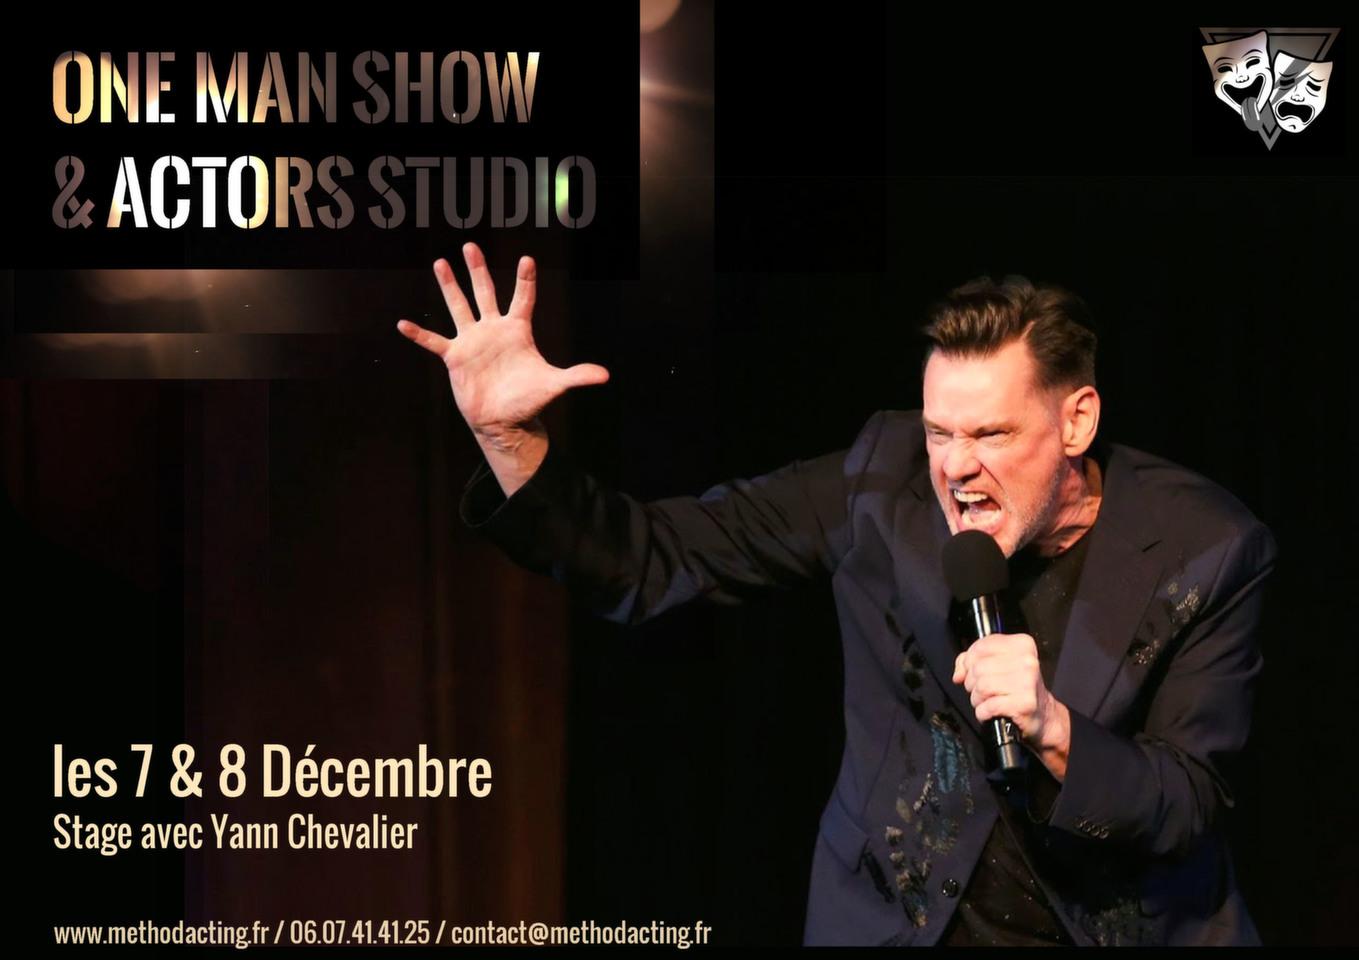 Stage One Man Show et Actors Studio<br />Method Acting Center<br /><br />WEEKEND du 7 & 8 Décembre 2019<br />de 13h à 19h,<br />au 93 Avenue d'Italie, Paris 13e<br />avec Yann CHEVALIER<br /><br />Aux USA, de nombreux «stand-up comedians» sont formés aux méthodes de Stanislavski et de l'Actors Studio. Et pour cause : le travail sur l'imaginaire doublé de l'expertise du travail sensoriel permet aux performers de one man show de créer de véritables environnements dynamiques, ludiques, crédibles et délirants !<br /><br />Bienvenue dans notre approche, unique en France, de la Méthode au service des one man shows.<br /><br />OBJECTIFS du Stage ONE MAN SHOW & ACTORS STUDIO<br />- Apprendre à utiliser tout l'éventail sensoriel de la Méthode au service du one-man-show<br />- Découvrir comment sculpter le silence sur scène, travailler le rythme spécifique à l'humour<br />- Créer une relation réelle et dynamique avec le public, réussir à le personnifier<br />- Créer des univers à la fois invisibles et extrêmement vivants<br />- Comprendre et faire des choix de mise en scène pour illustrer ses propos<br />- Improviser une scène sur thème ou un texte imposé<br />- Composer son (et ses) personnage(s) de One Man Show<br /><br />INFOS PRATIQUES<br />- De 8 à 16 personnes<br />- 160€ pour un stage weekend<br />- Forfaits à partir de 3/6/9 stages weekend : 10% de remise / 15% de remise / 20% de remise, découvrez notre planning de stages 2019<br />- Formations éligibles à l'AFDAS, aux OPCA, et Pôle emploi<br />- Un acompte de 30% vous sera demandé au moment de la réservation<br /><br />INSCRIPTIONS EN LIGNE<br />https://www.methodacting.fr/<br />contact@methodacting.fr<br />06 07 41 41 25<br /><br />Image : The New Yorker